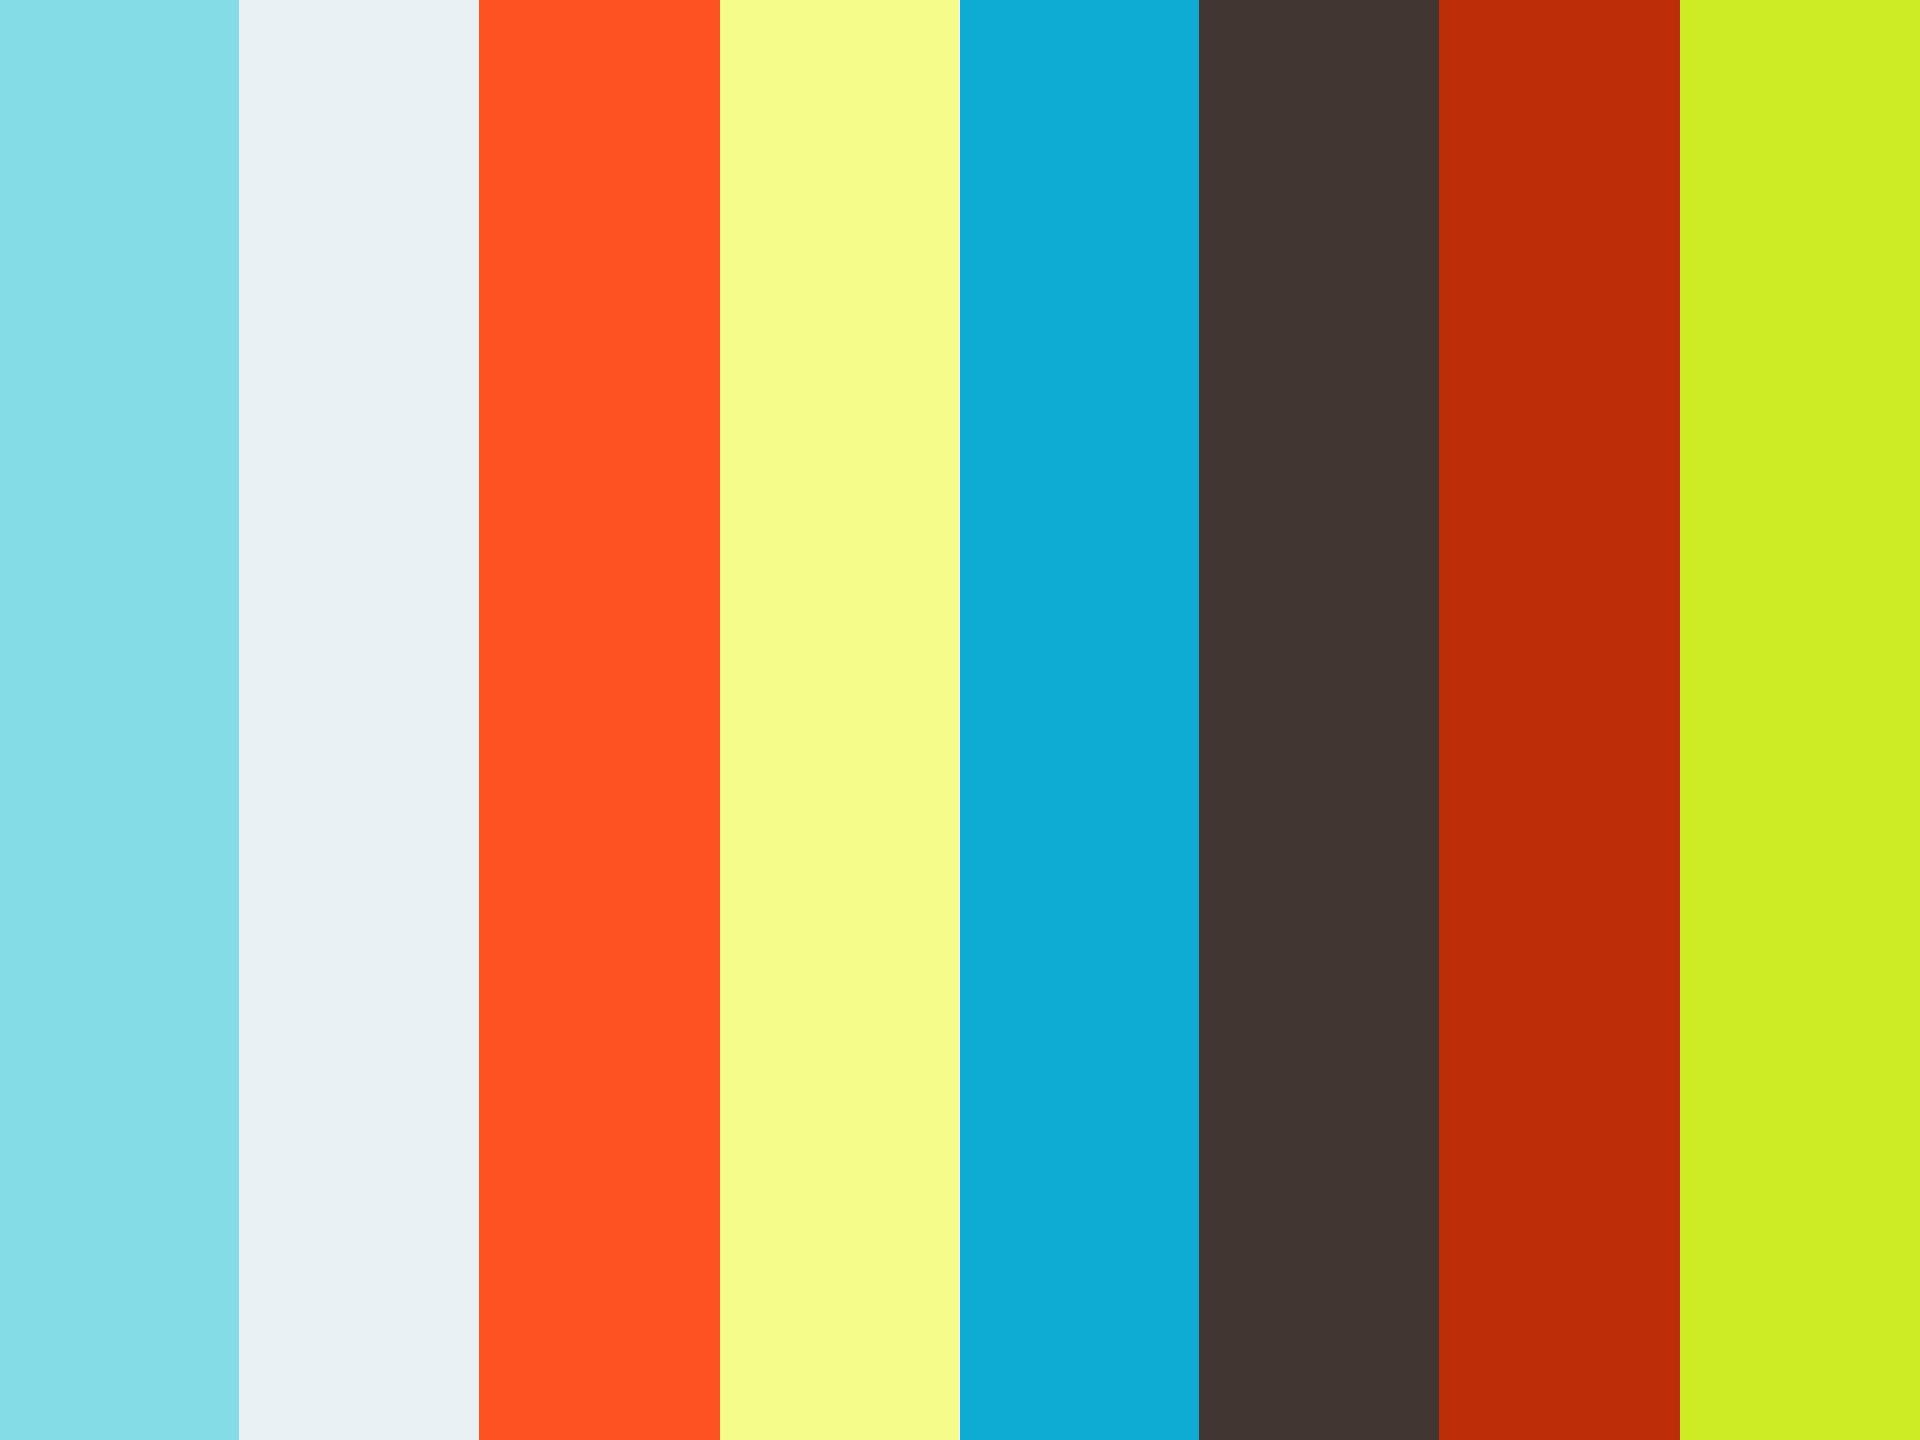 beweeg bewust maastricht sport 2018 on vimeo [ 1280 x 720 Pixel ]